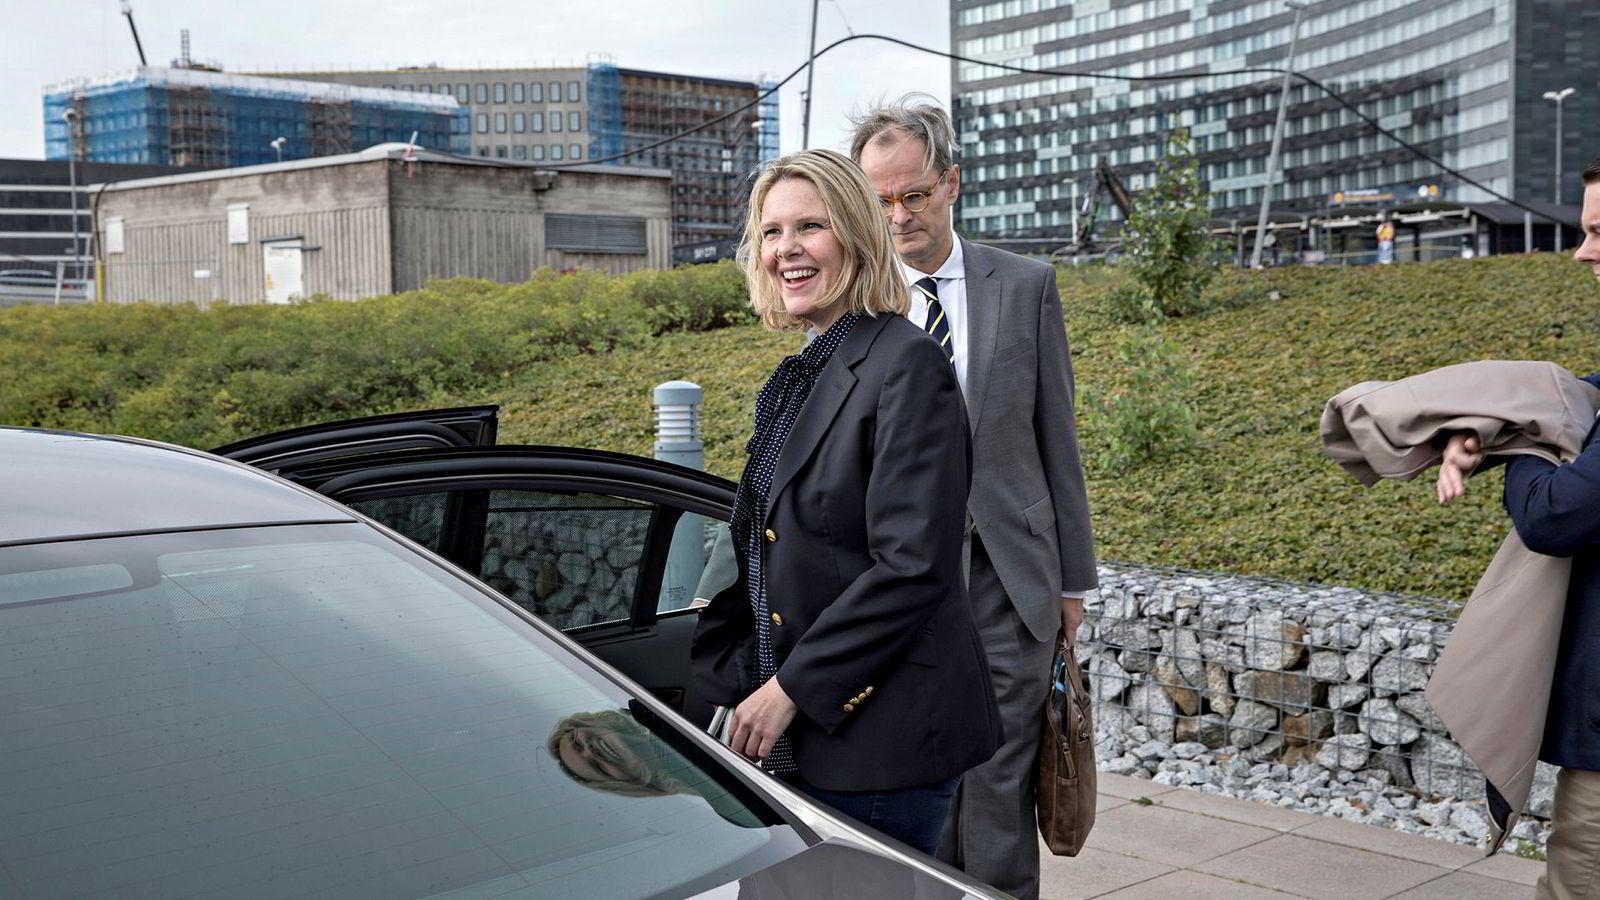 Innvandrings- og integreringsminister Sylvi Listhaug er i Sveriges hovedstad Stockholm for å lære om erfaringer med å ta imot flyktninger og asylsøkere. Her er hun på et lunsjmøte med representanter fra den norske ambassaden. Ambassadør Christian Syse bak henne.